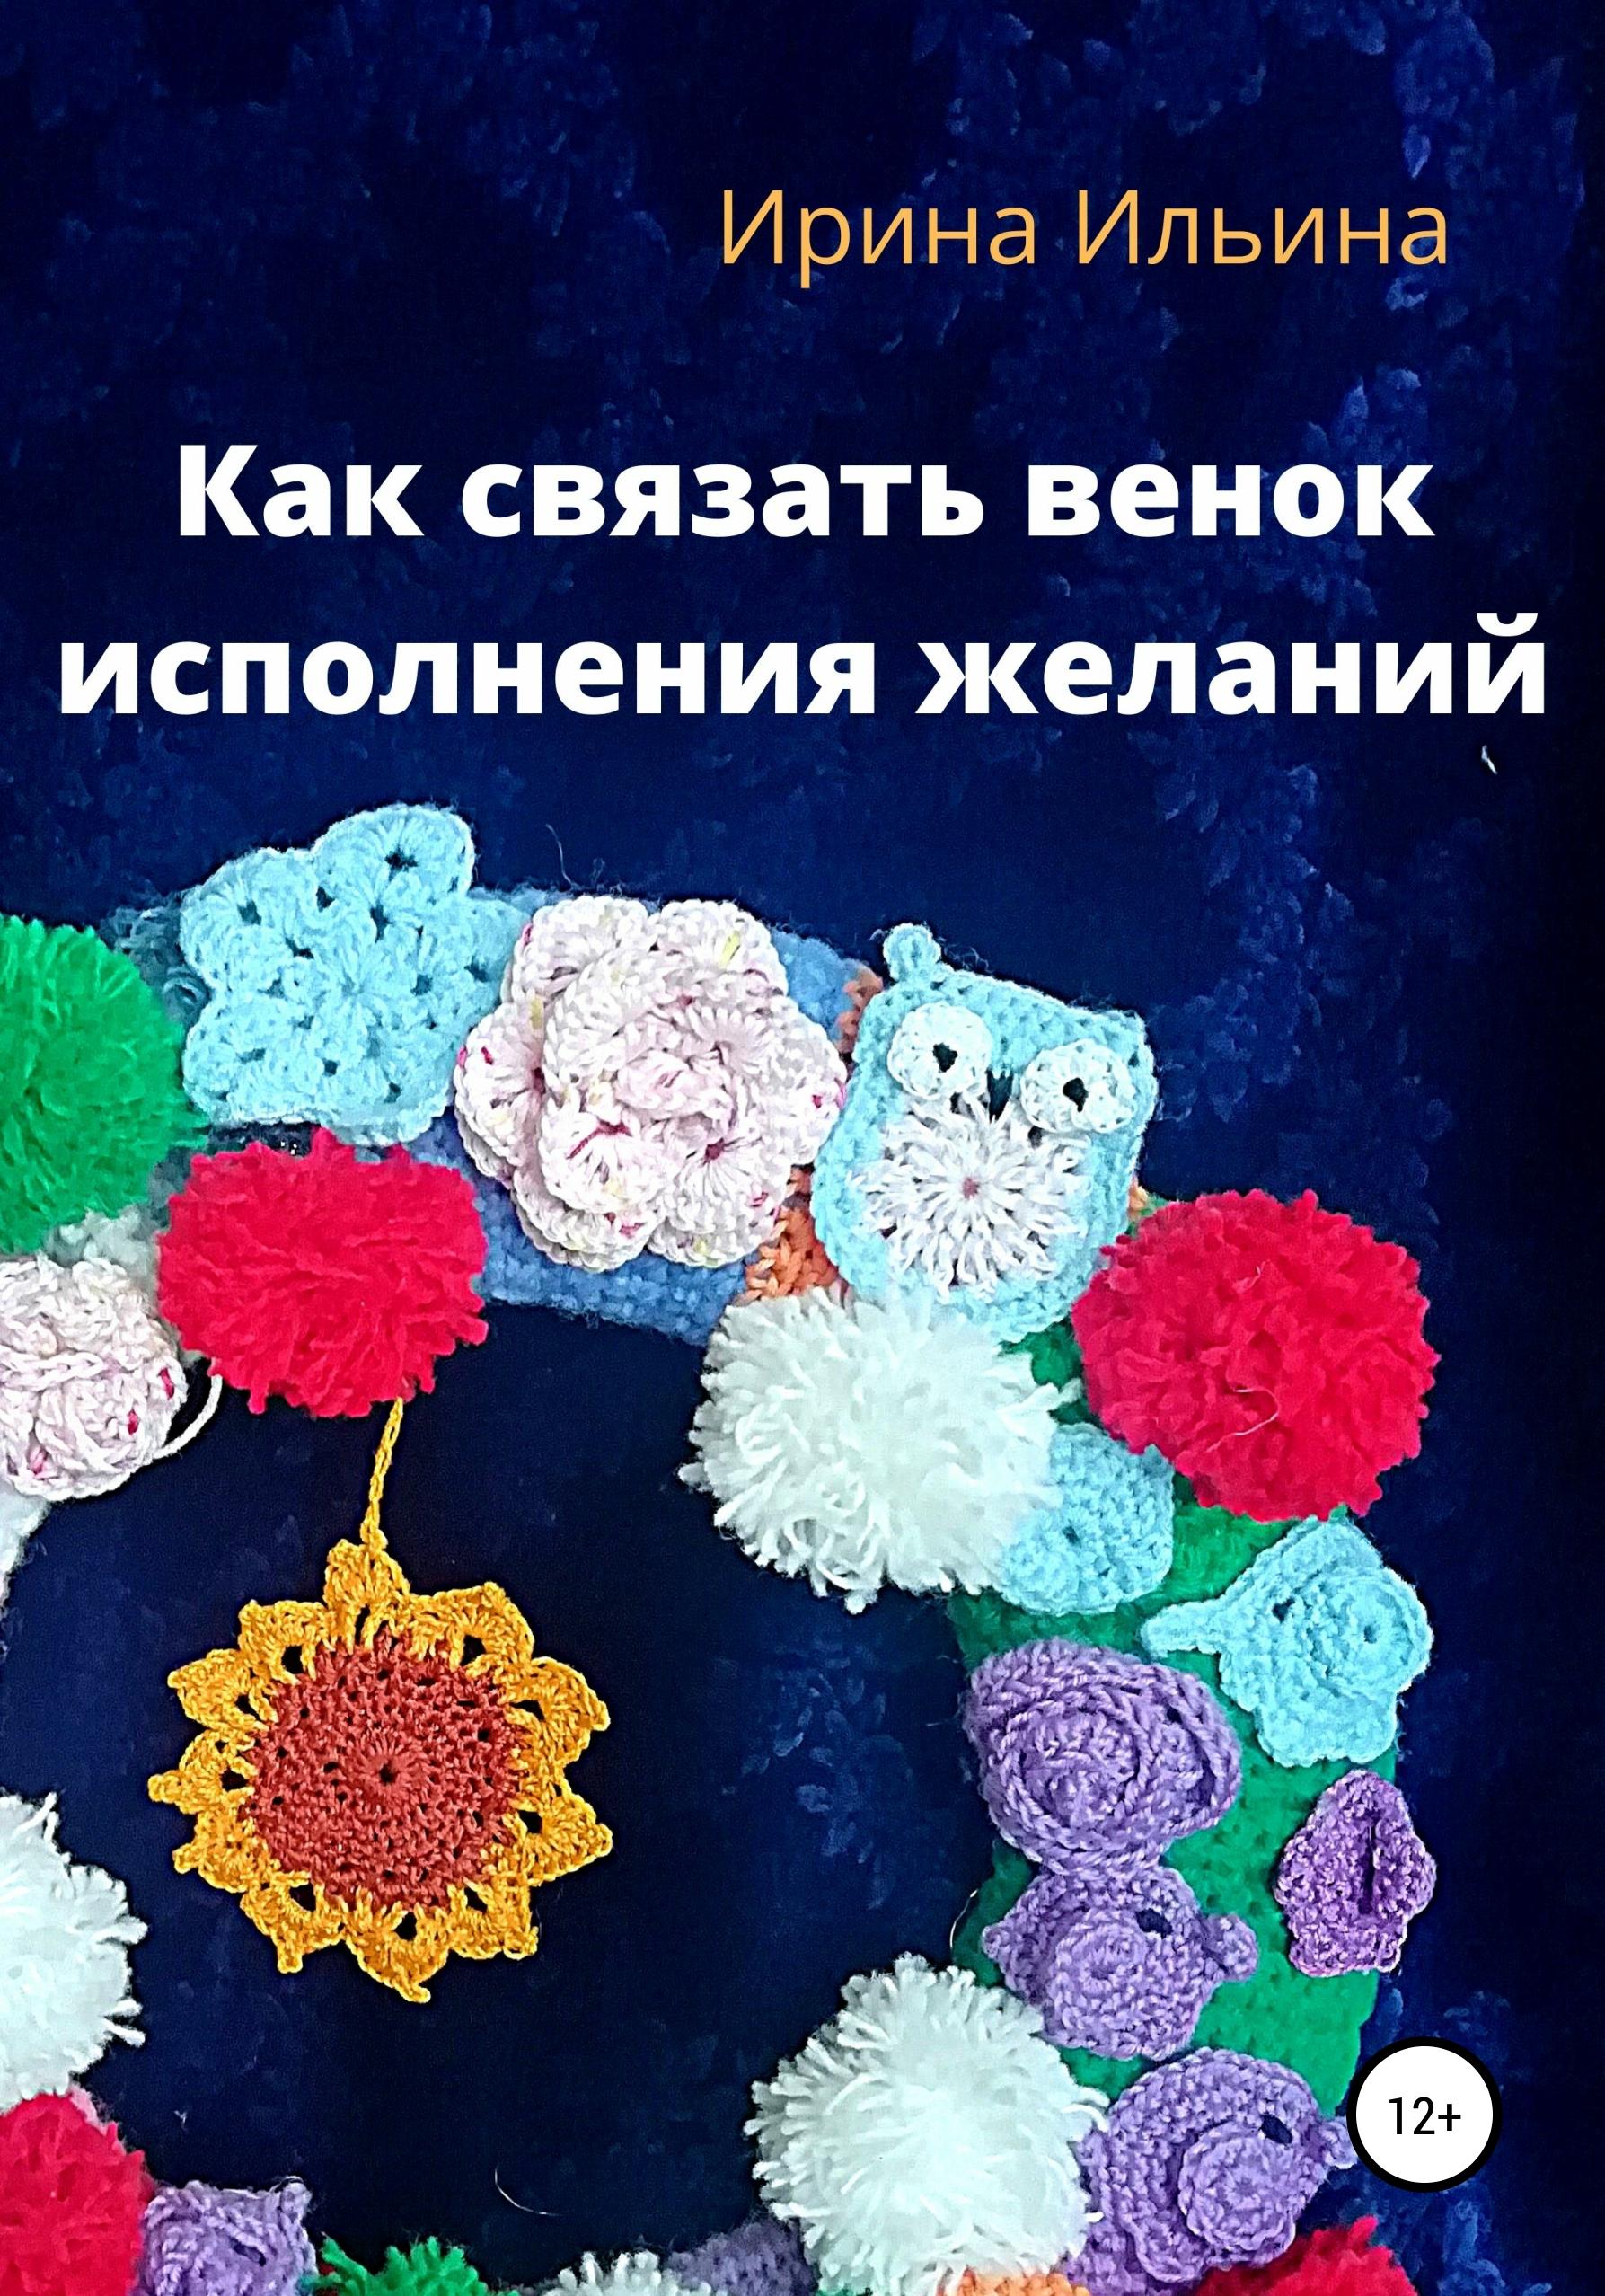 Ирина Ильина Как связать волшебный венок исполнения желаний